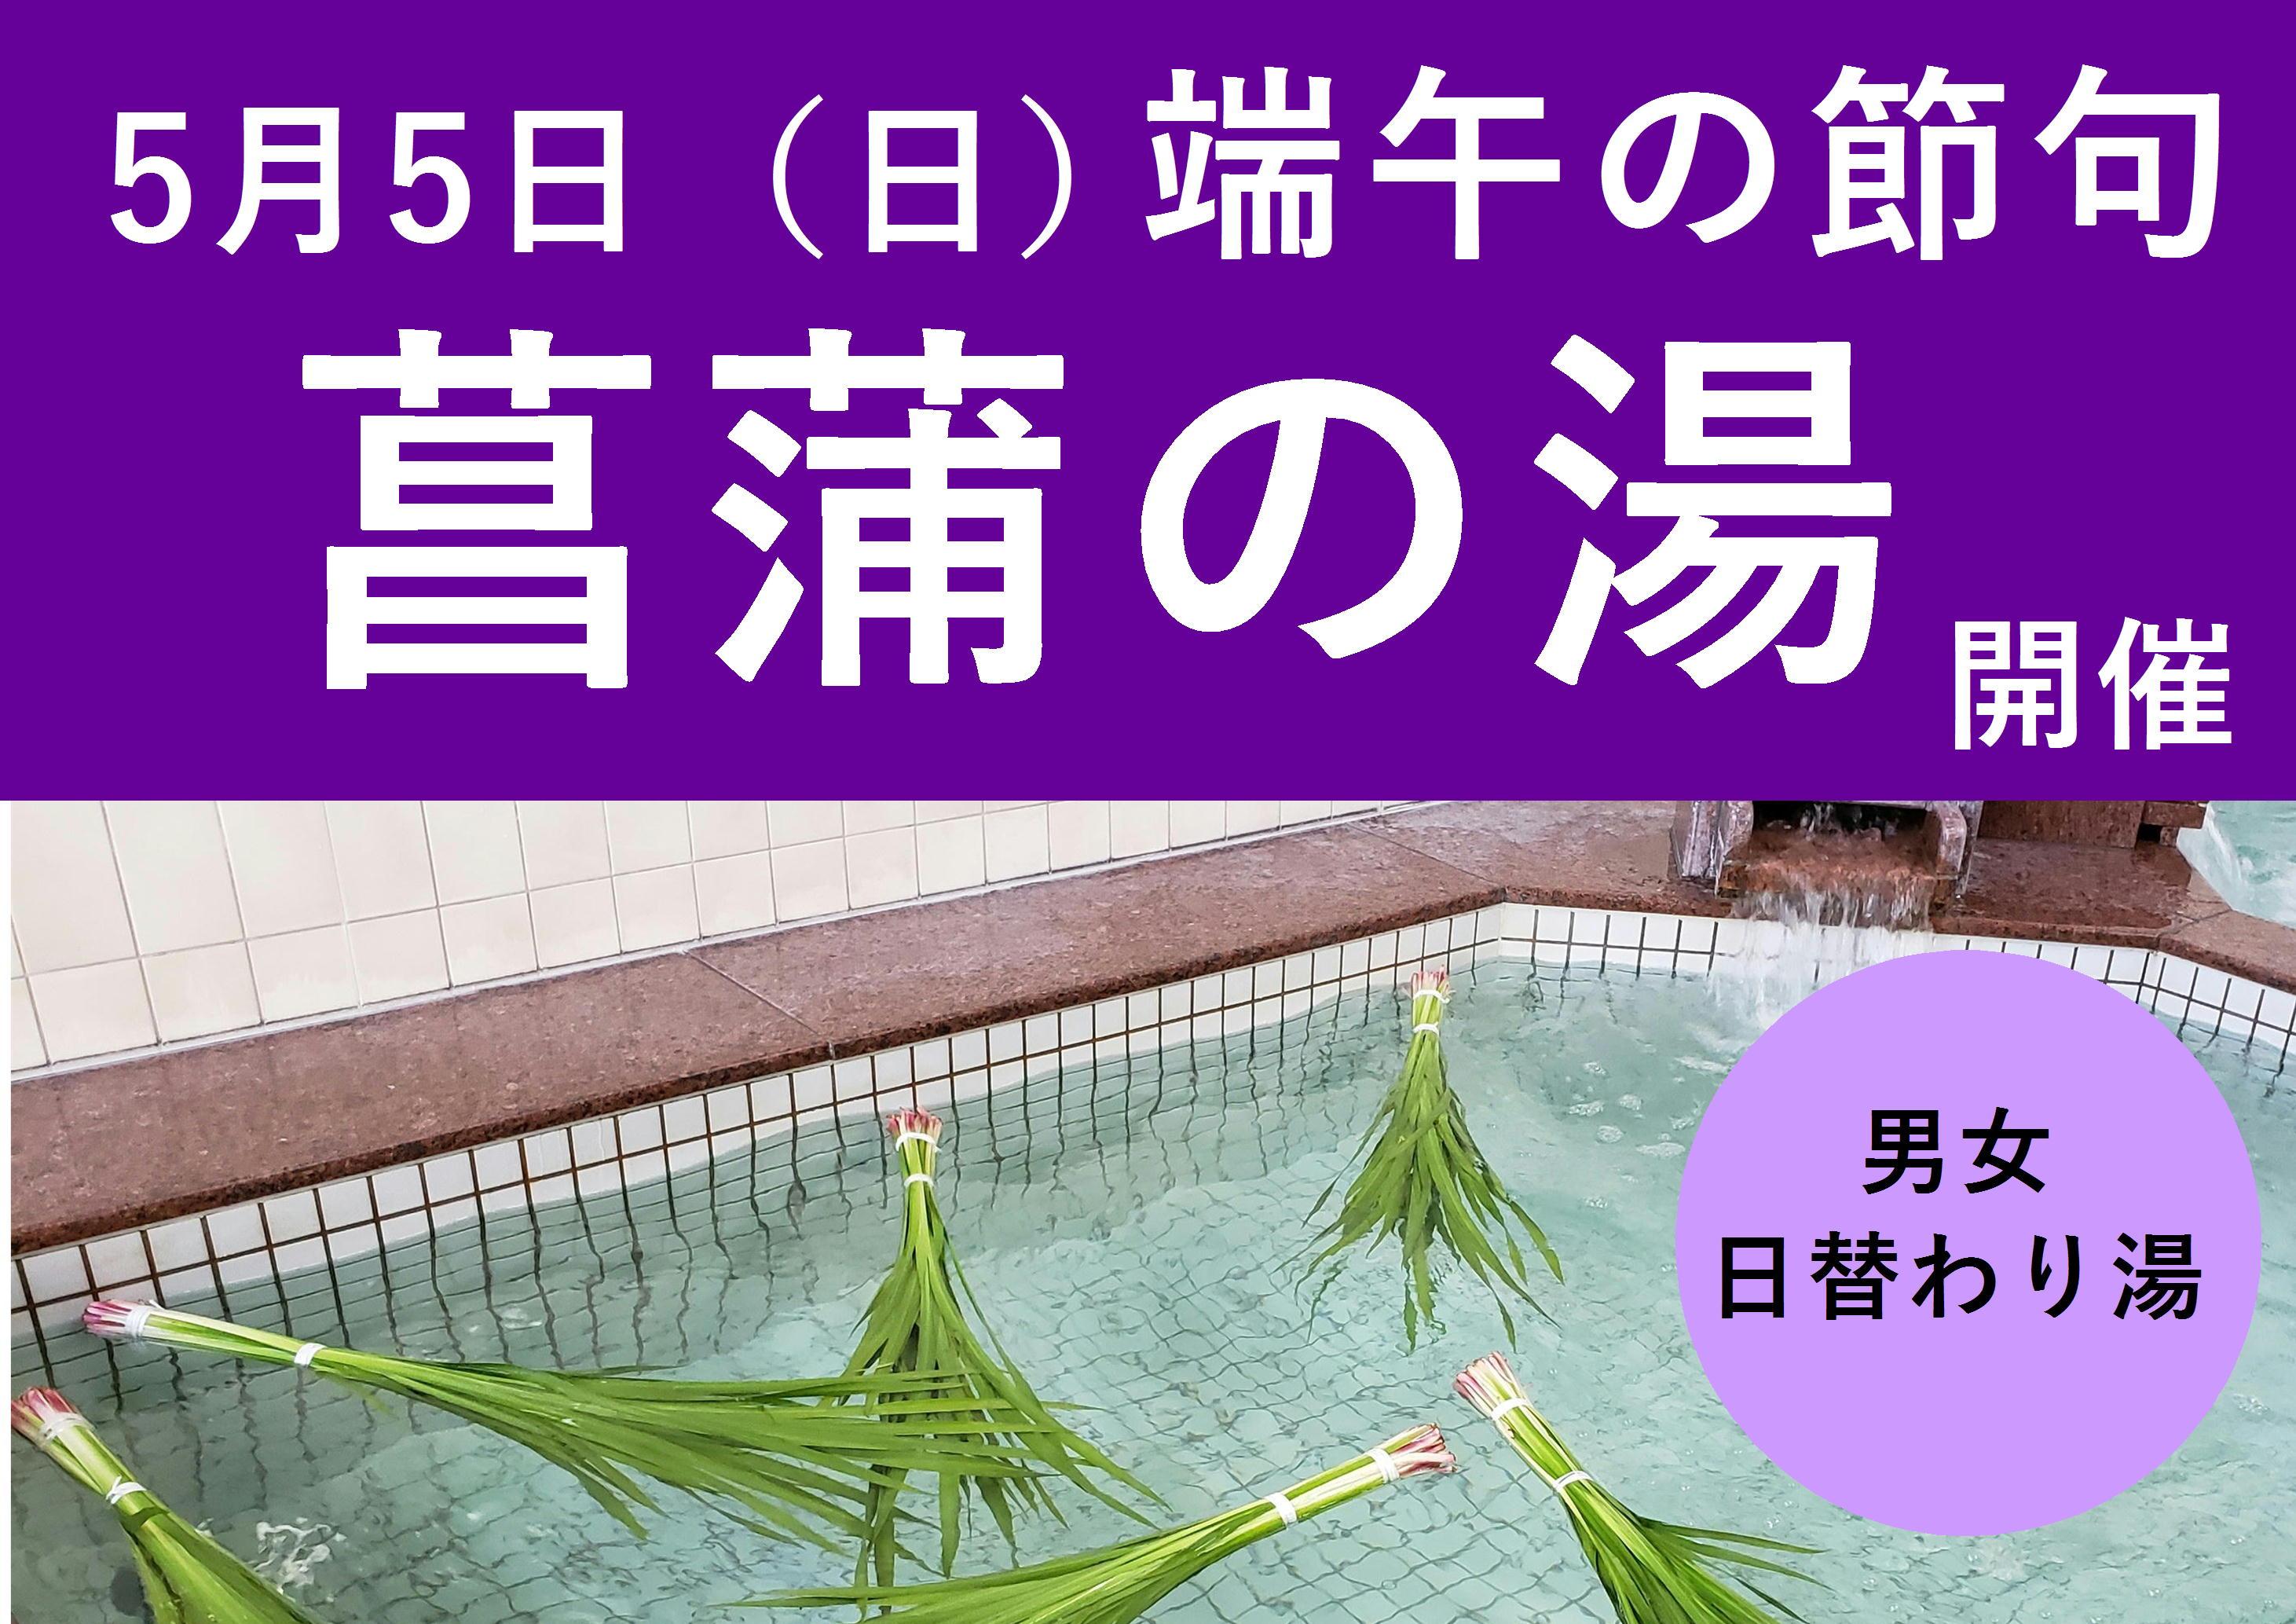 5/5 『菖蒲湯』開催( `_)乂(_' )